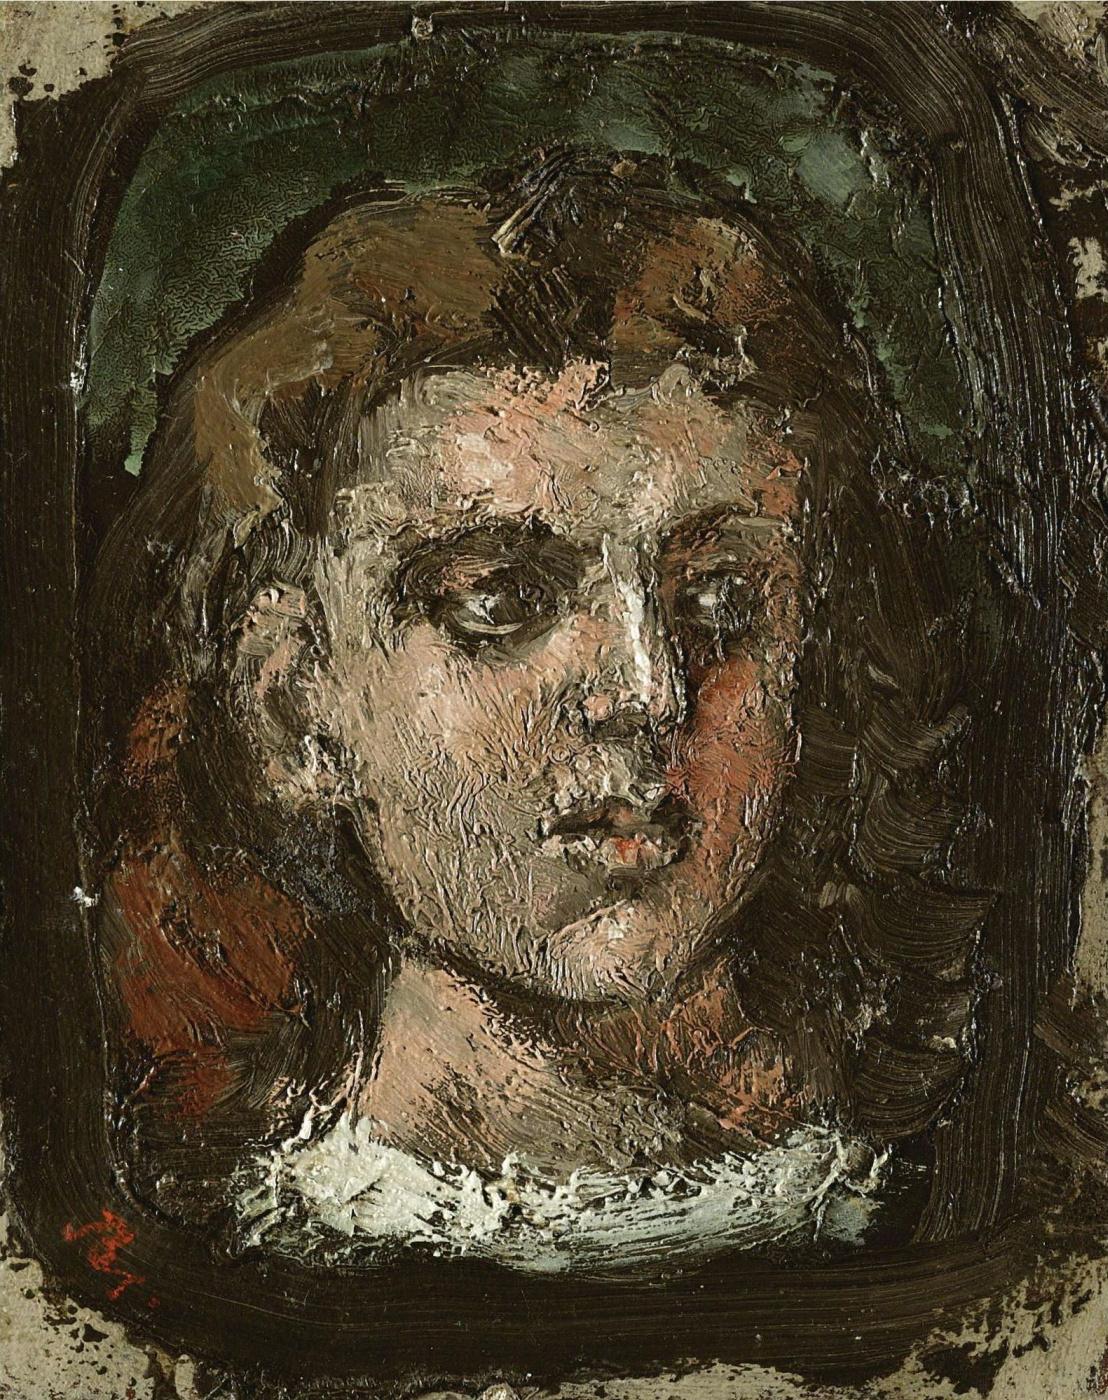 Balthus (Balthasar Klossovsky de Rola). White collar